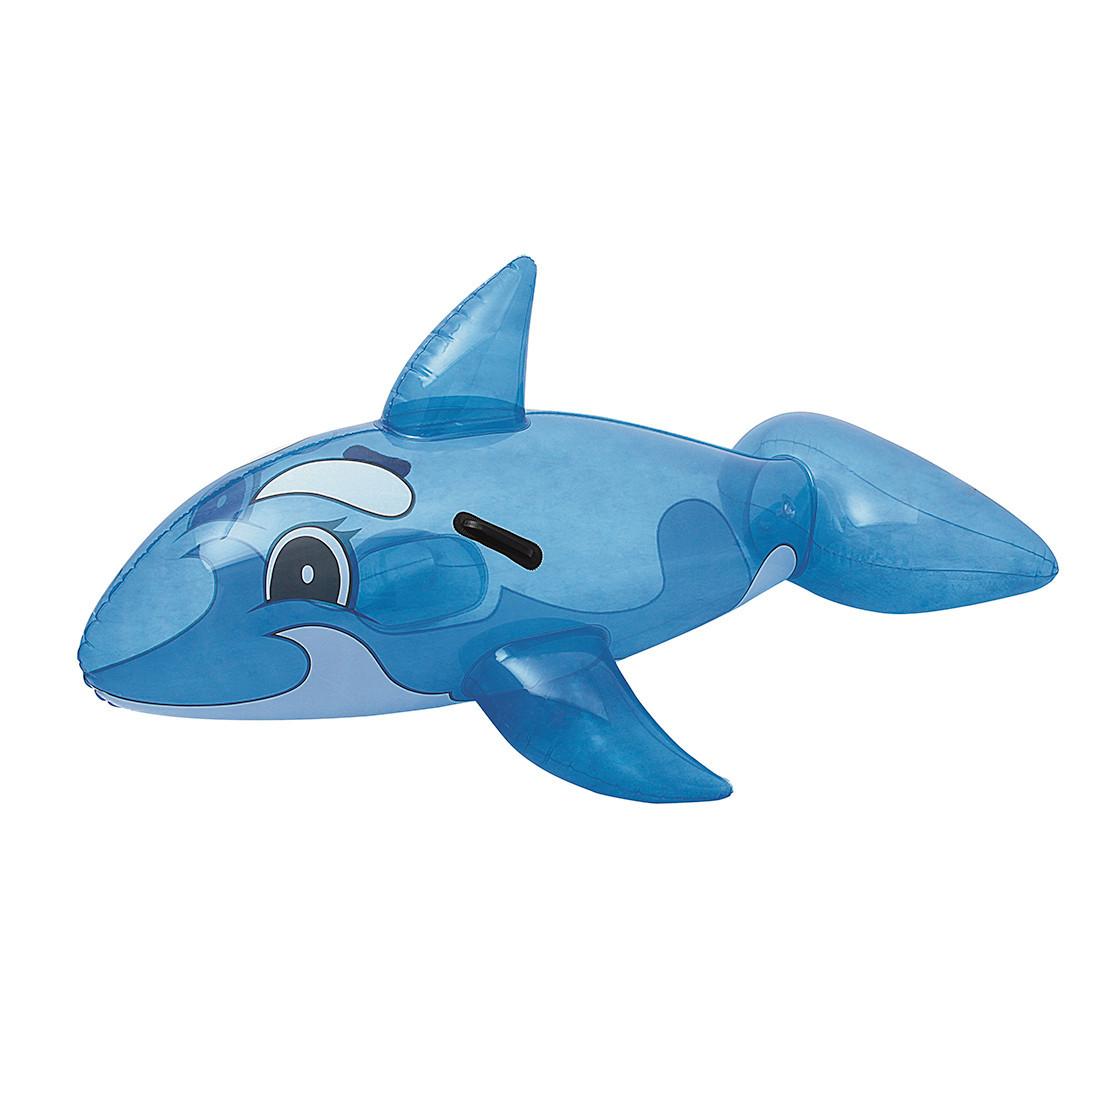 Надувная игрушка Bestway Дельфин, 1 место,, Винил, Цвет: Голубой